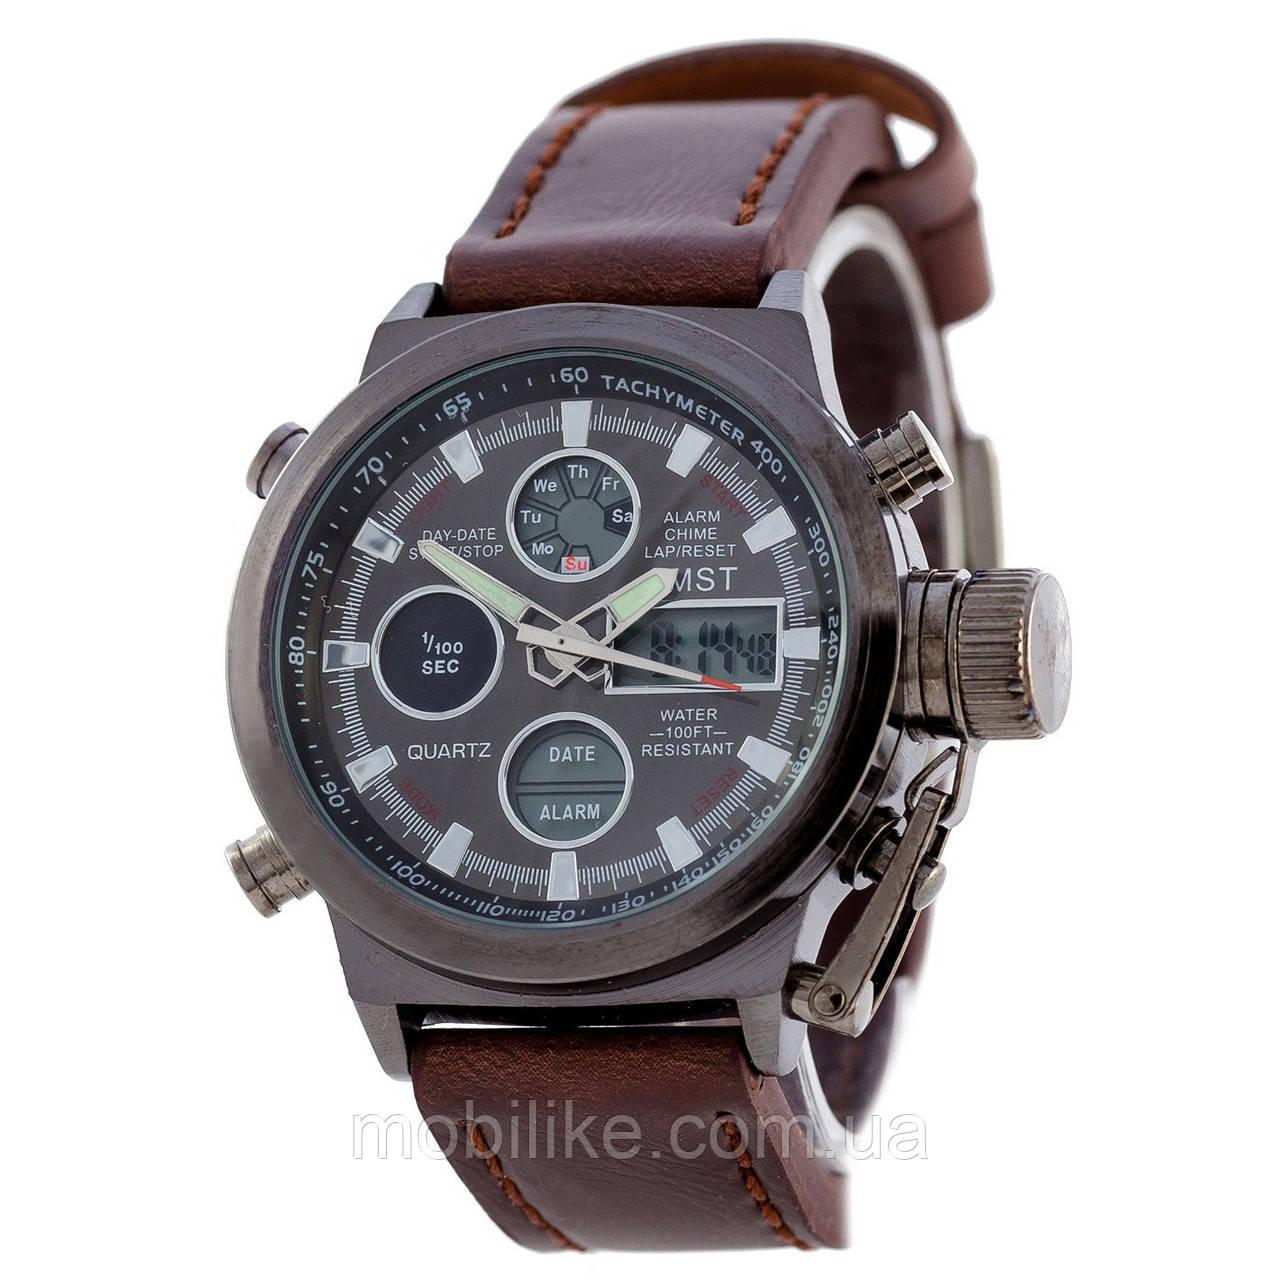 Наручные часы AMST C Black-Brown Wristband